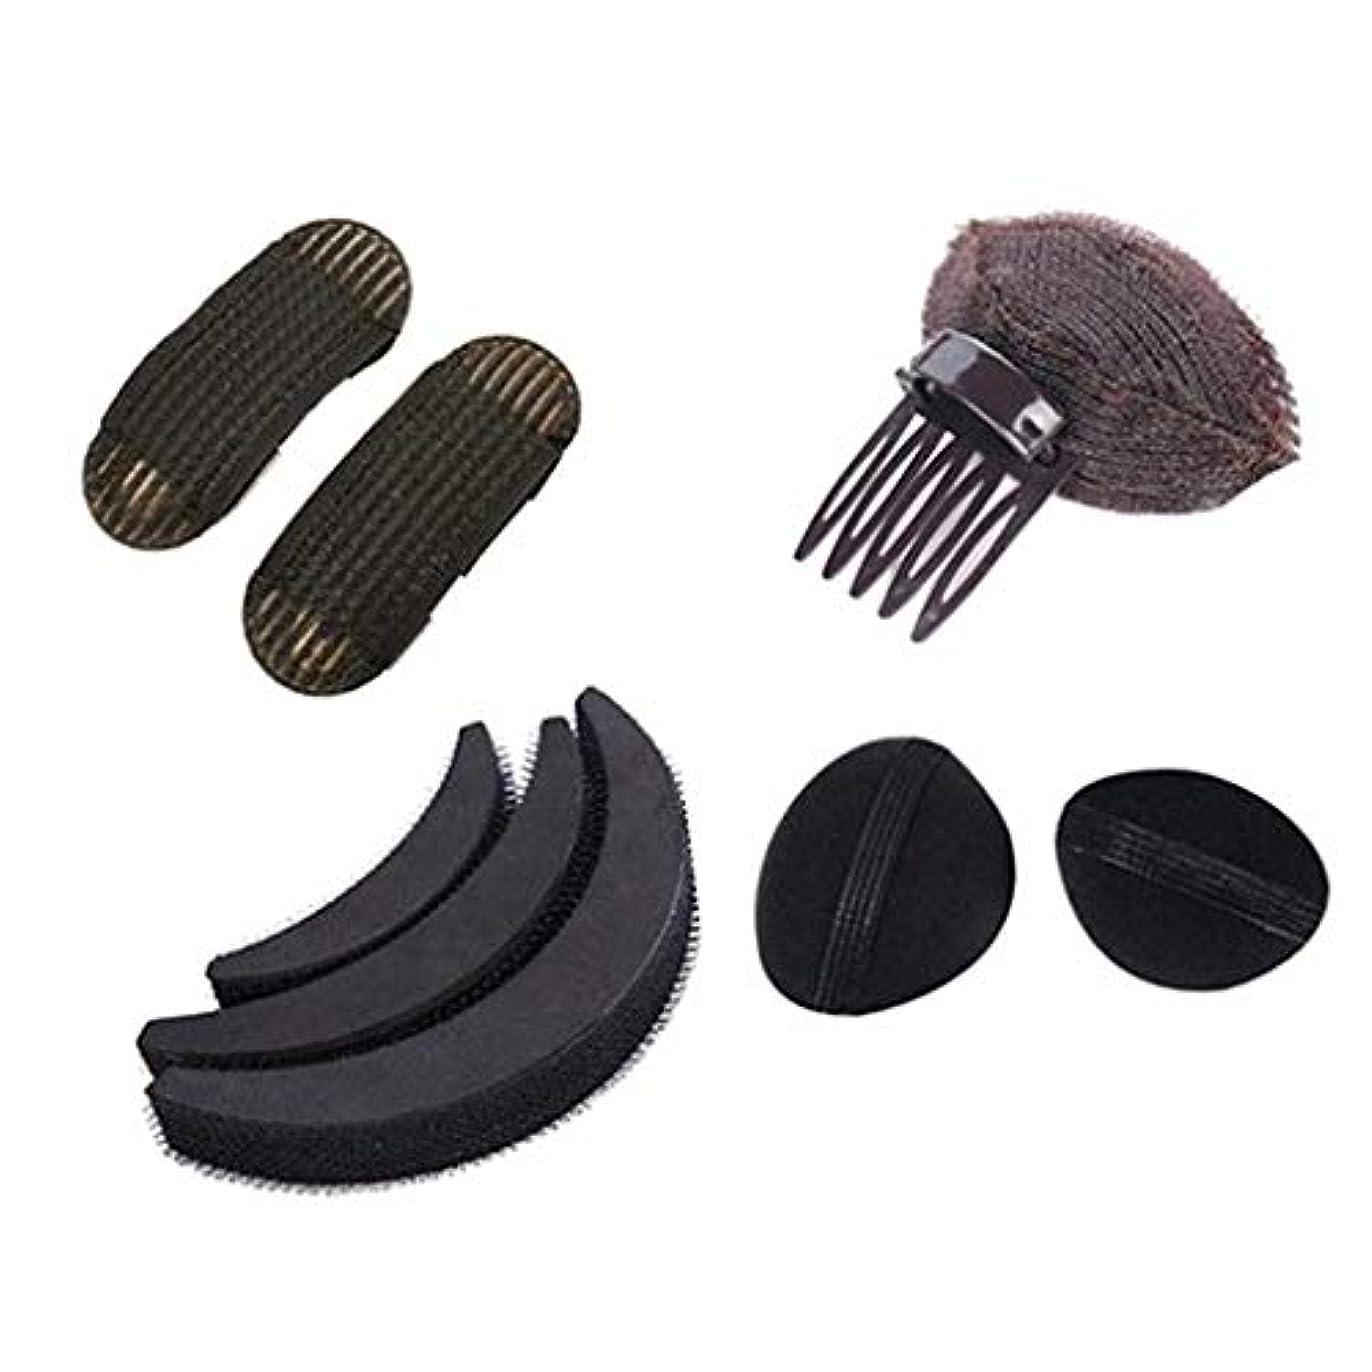 元気文化鎮痛剤女の子 ヘアスタイルツールキット ヘアスタイリング 髪型作成ツール ヘアステッカー 4種類 - B